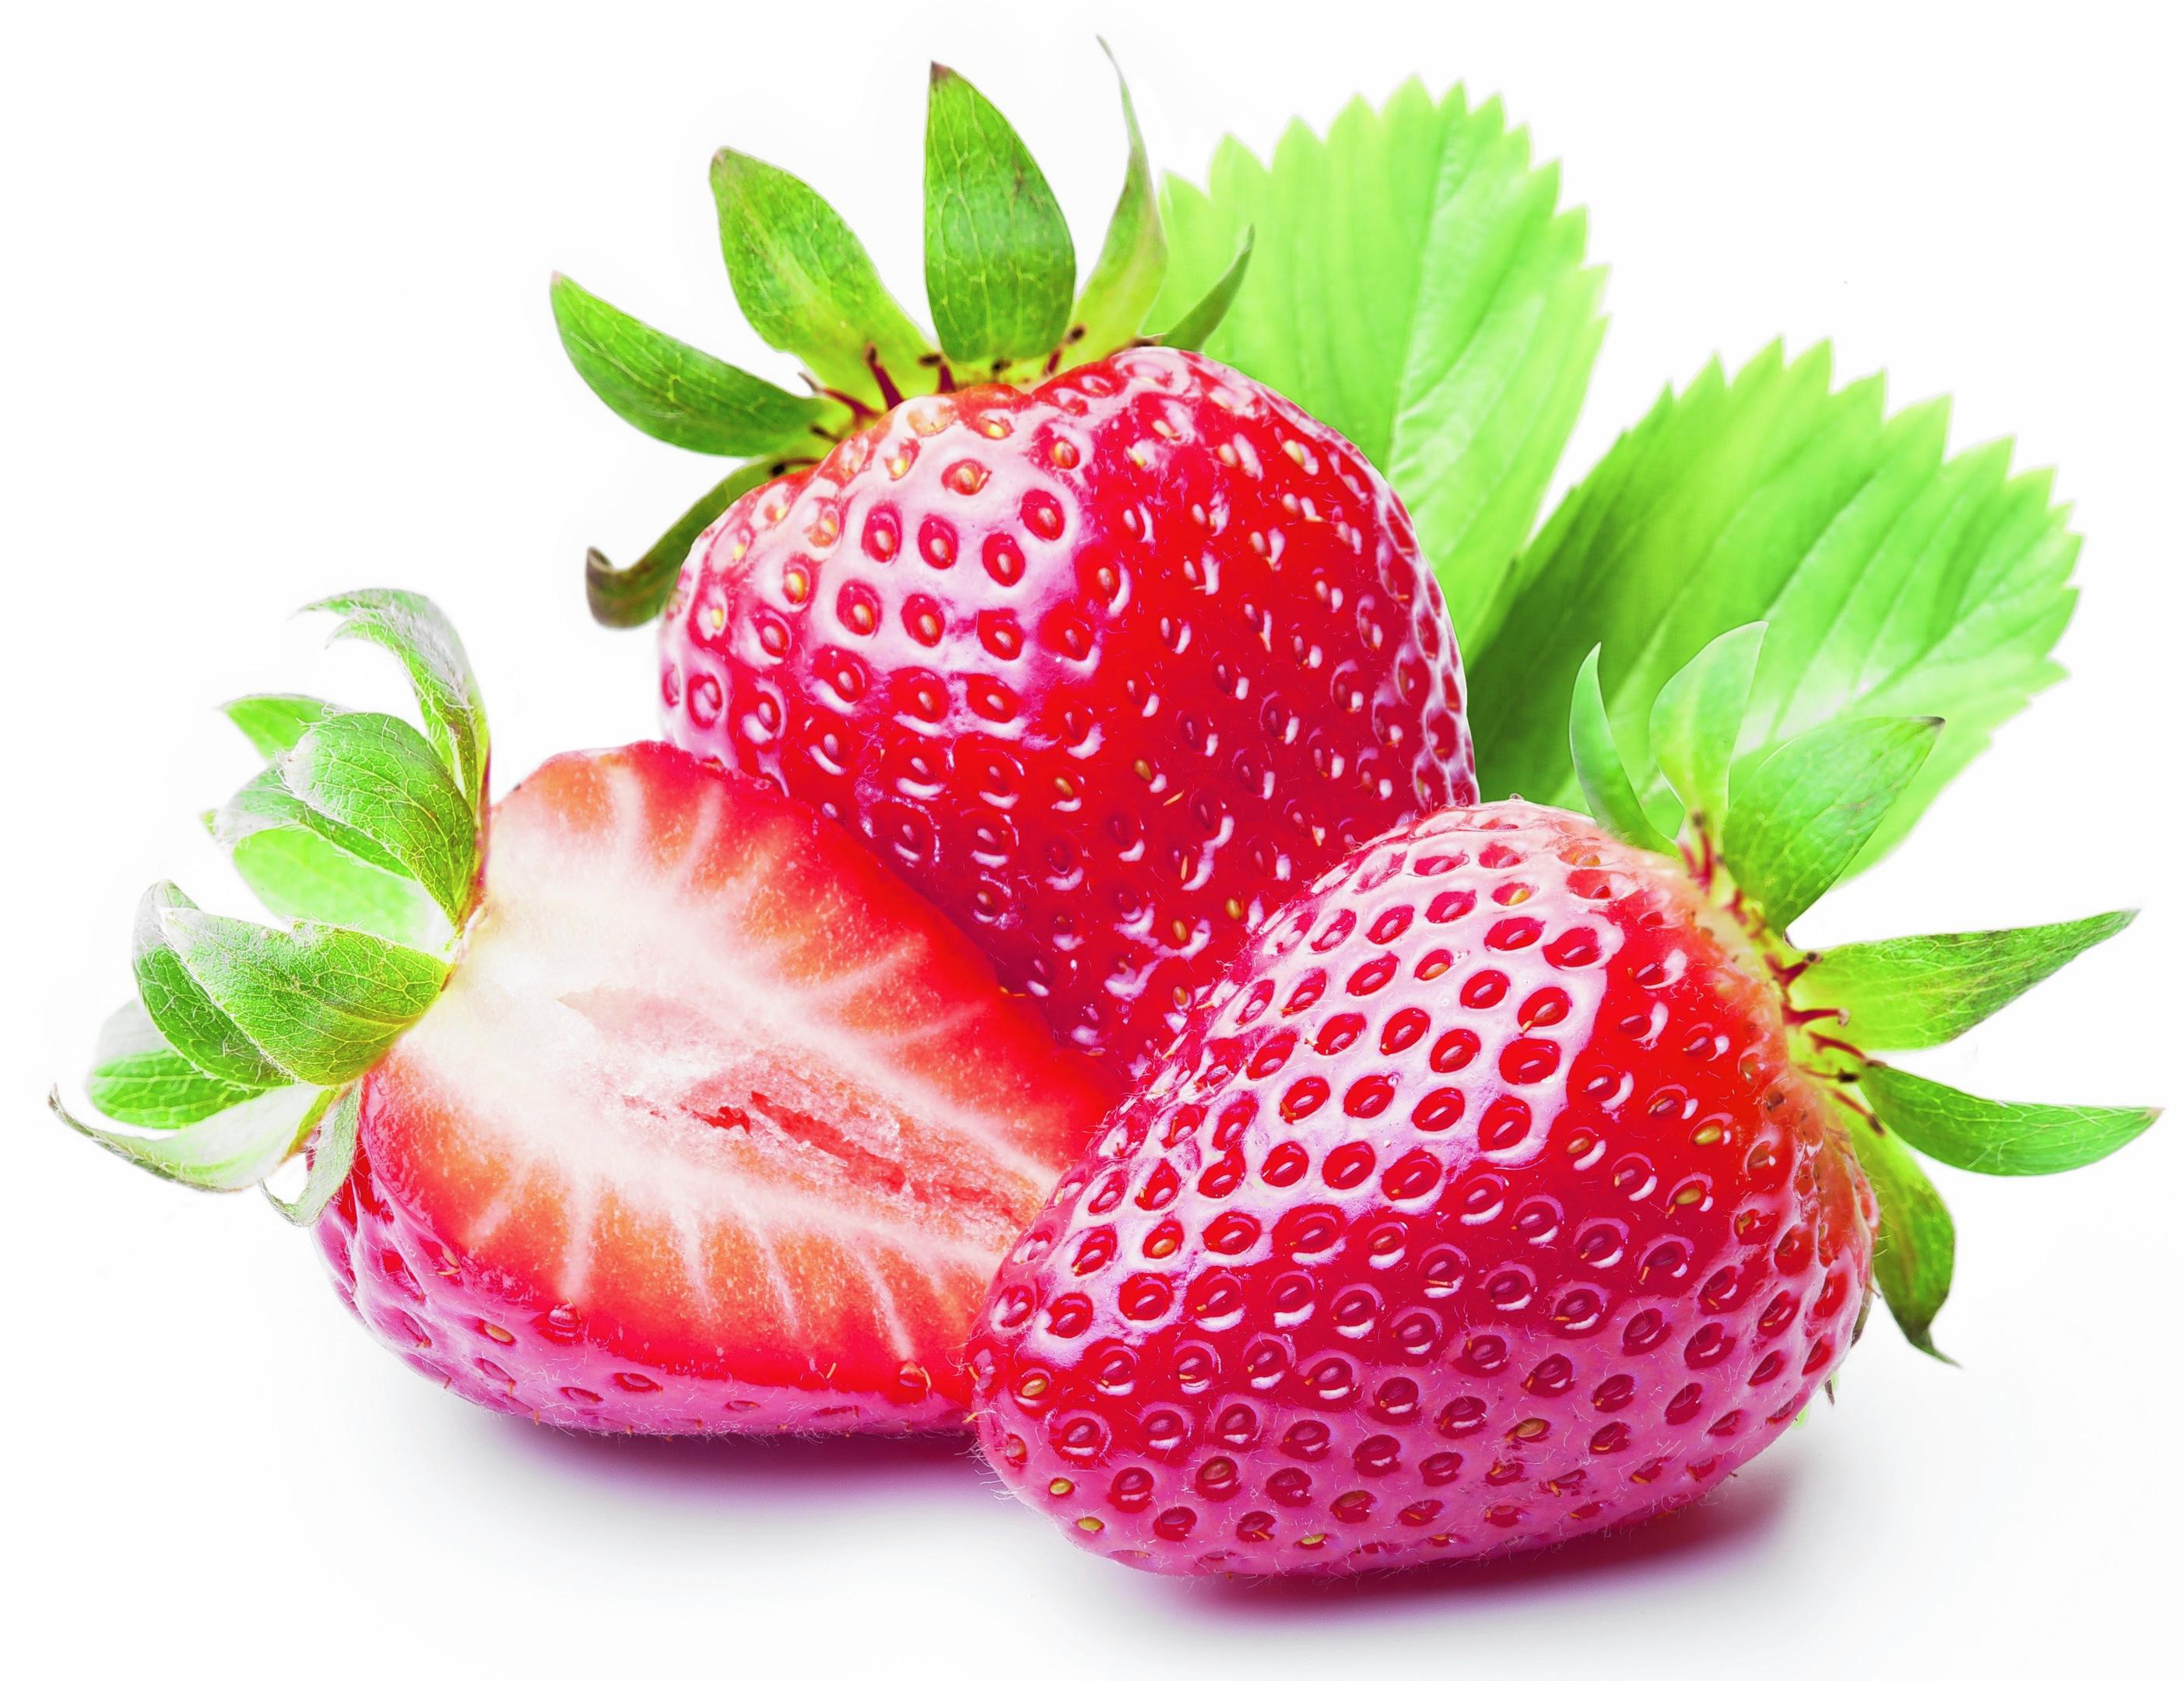 More strawberries and raspberries were grown last year